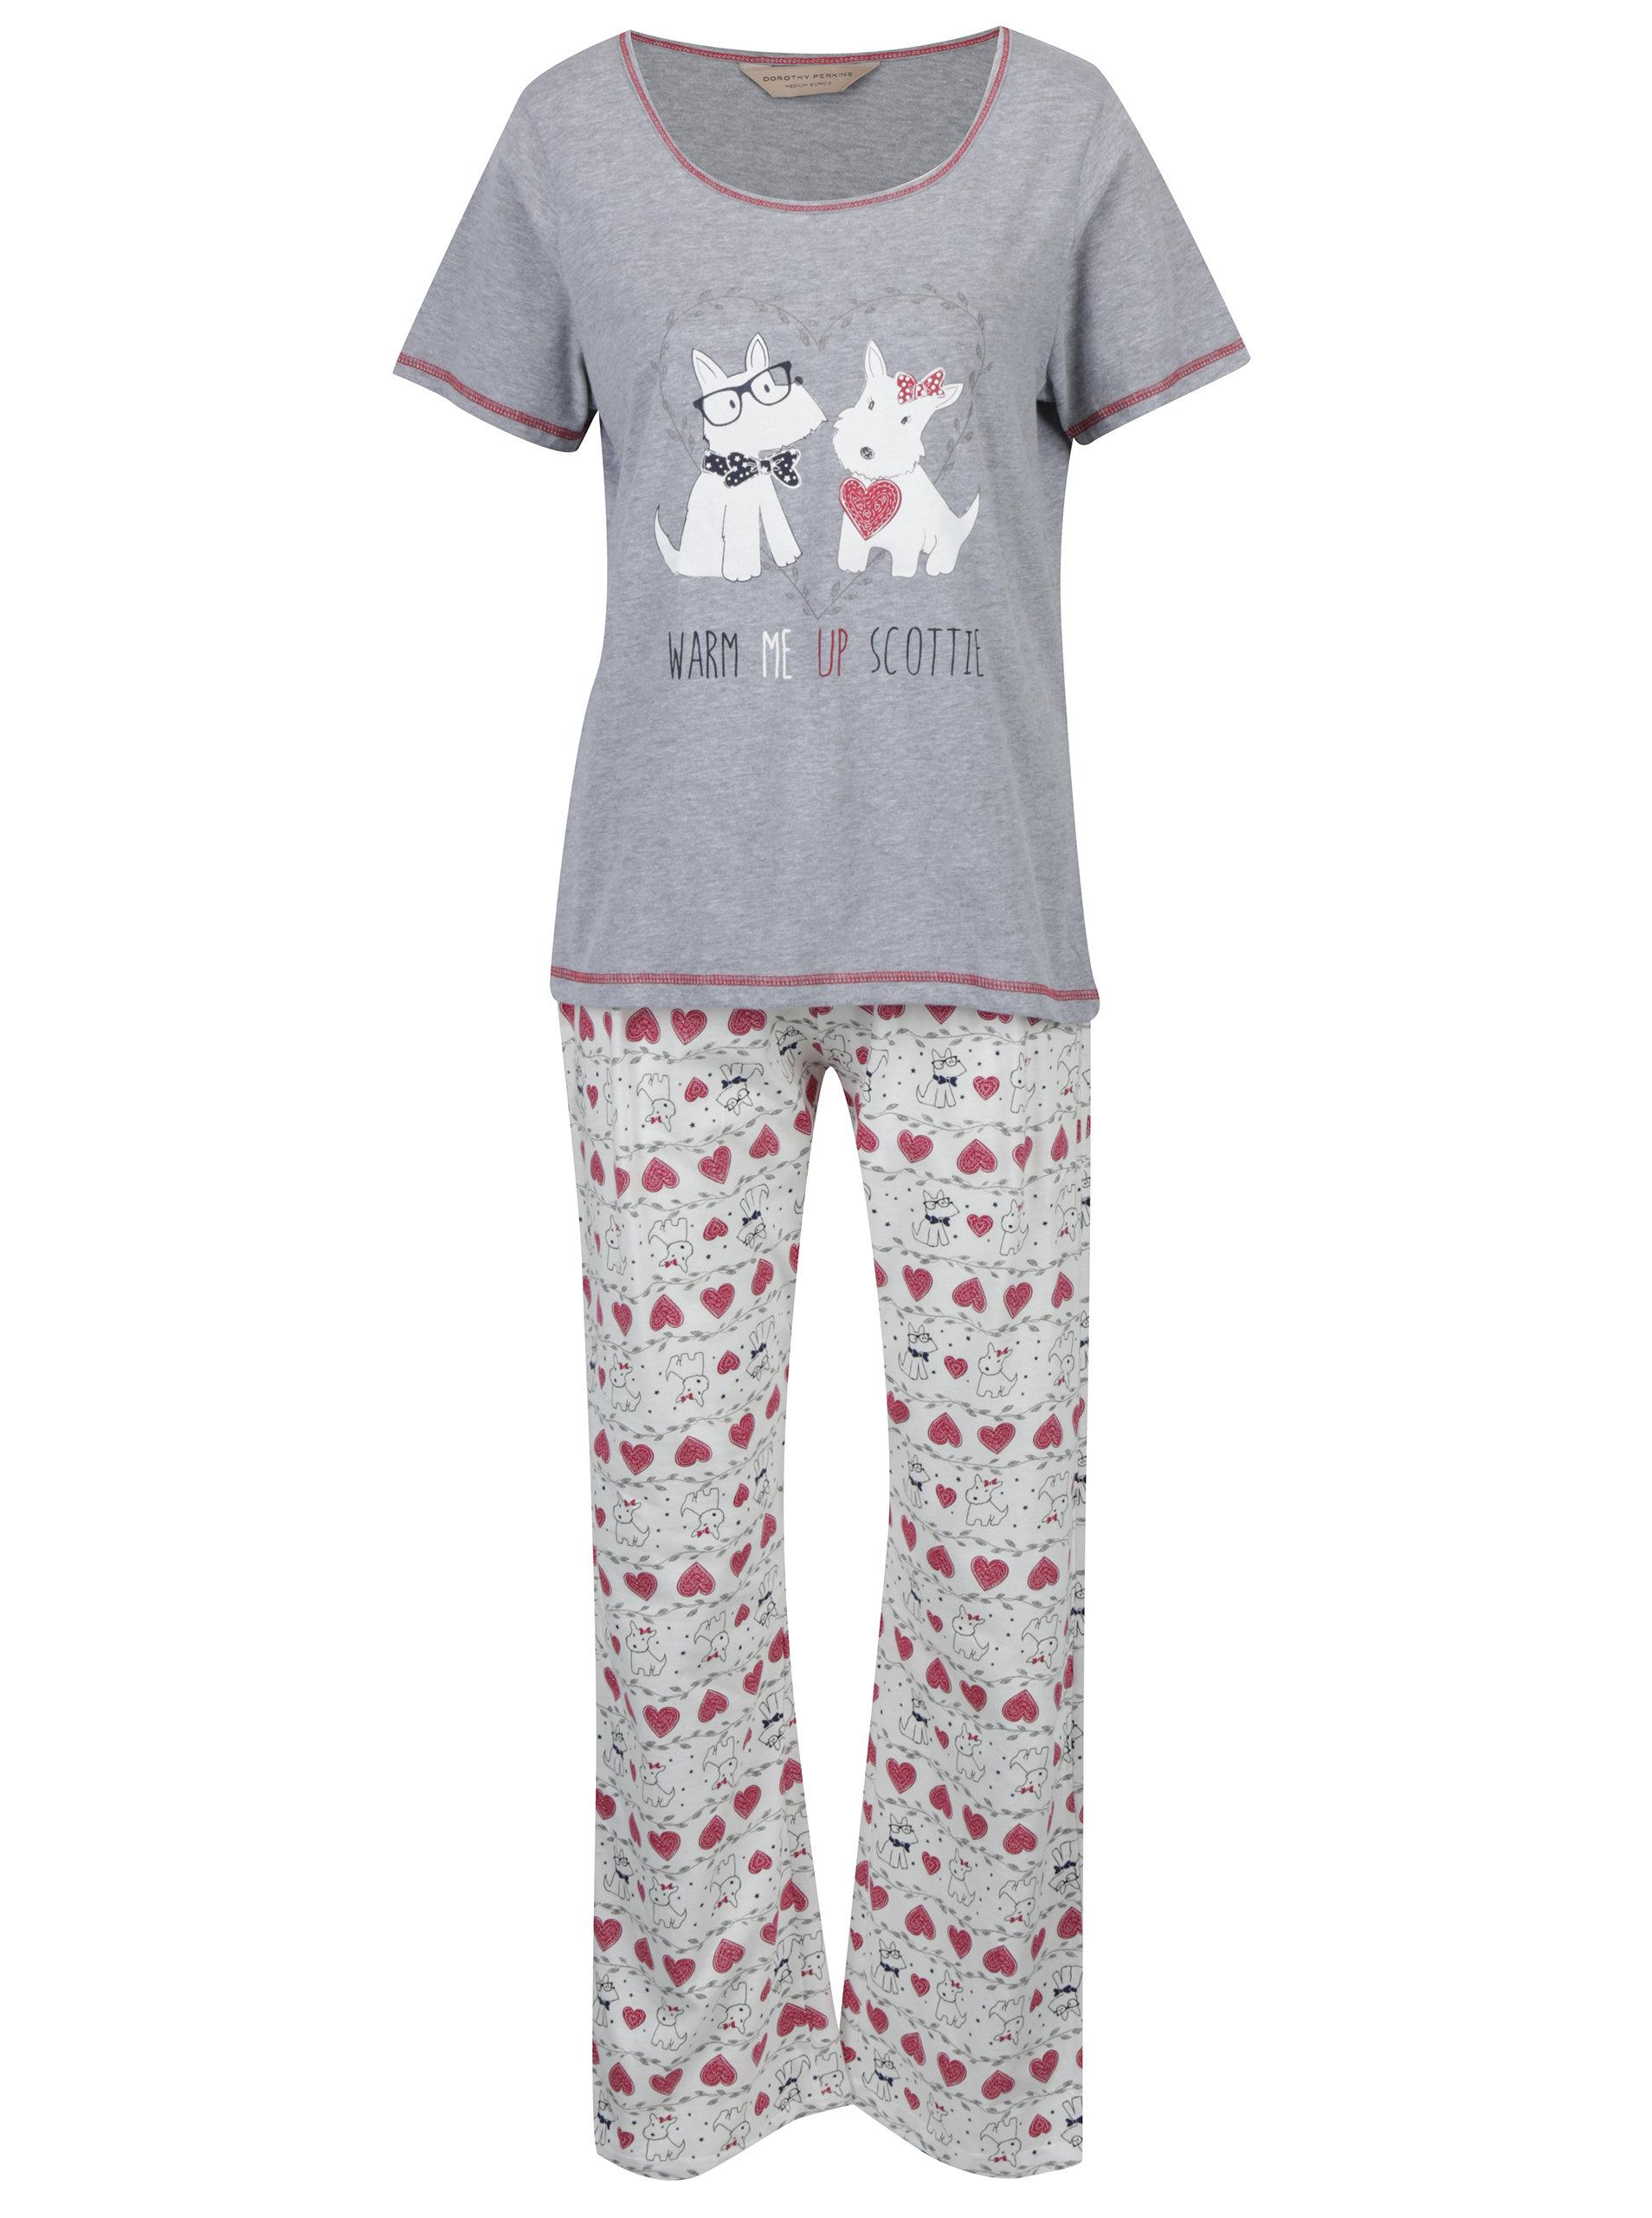 3984b8d07 Krémovo-sivé pyžamo s potlačou psov Dorothy Perkins   ZOOT.sk